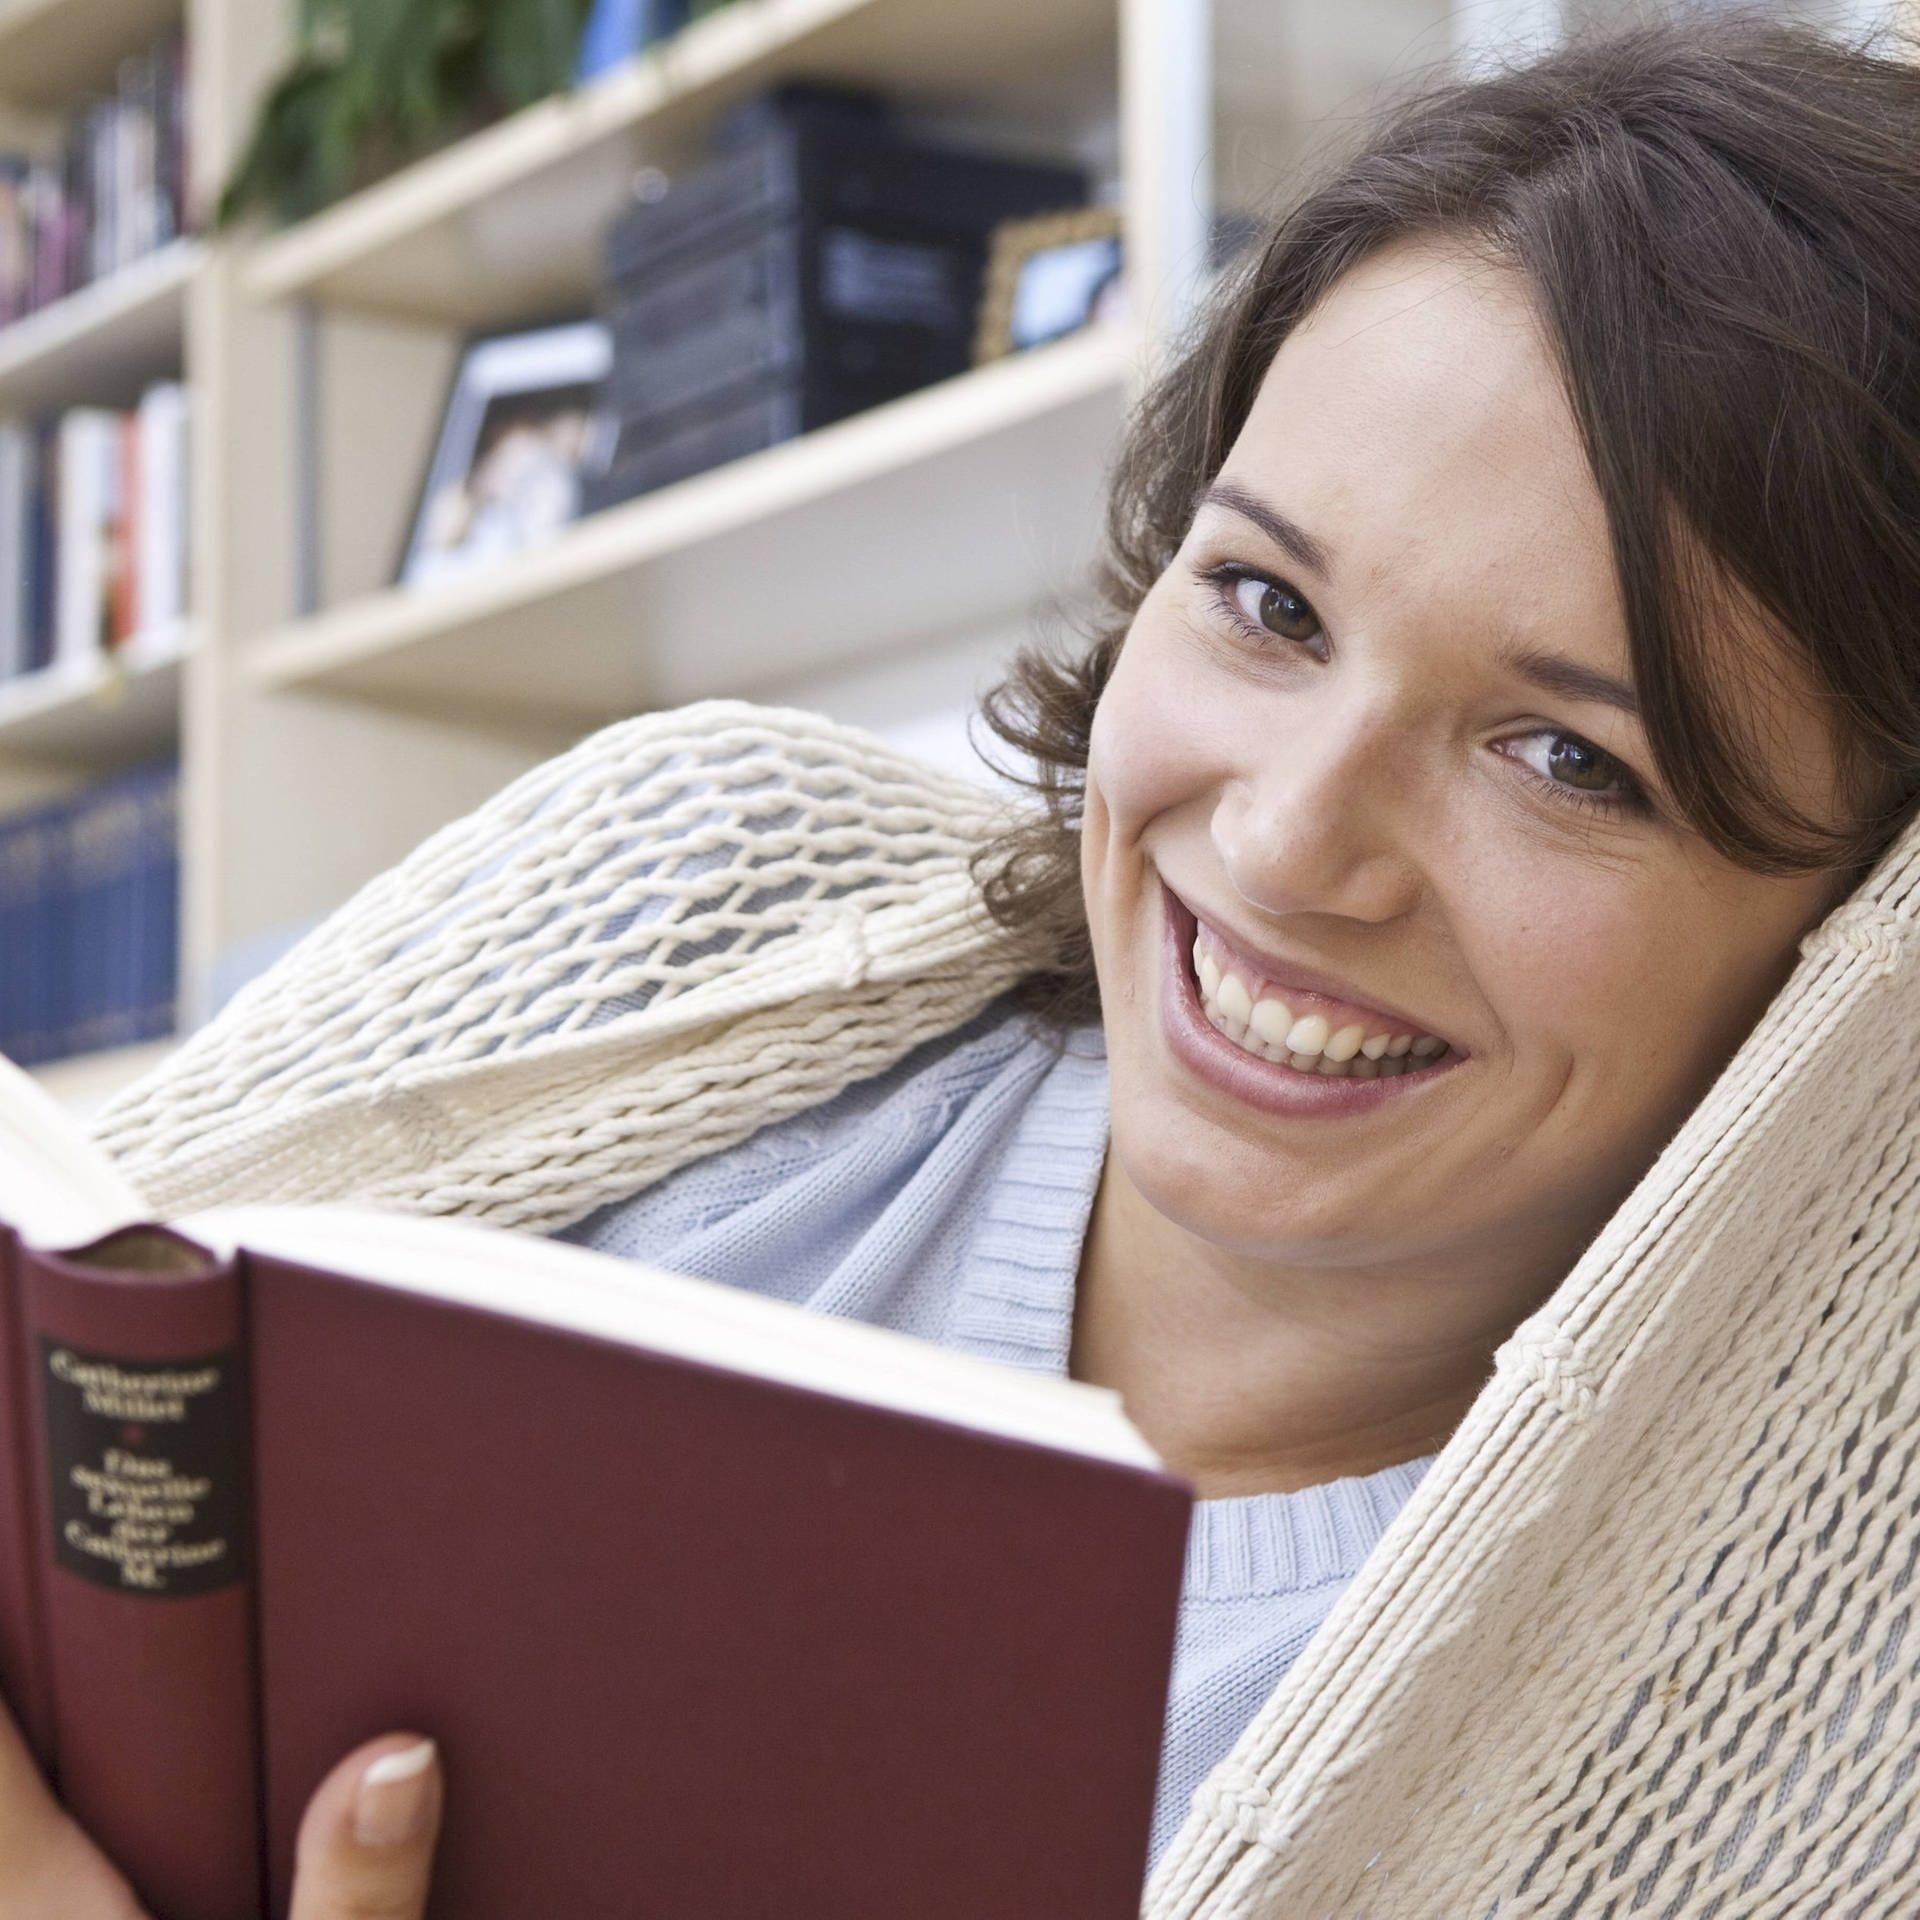 Macht uns Lesen gesünder? Studien auf dem Prüfstand